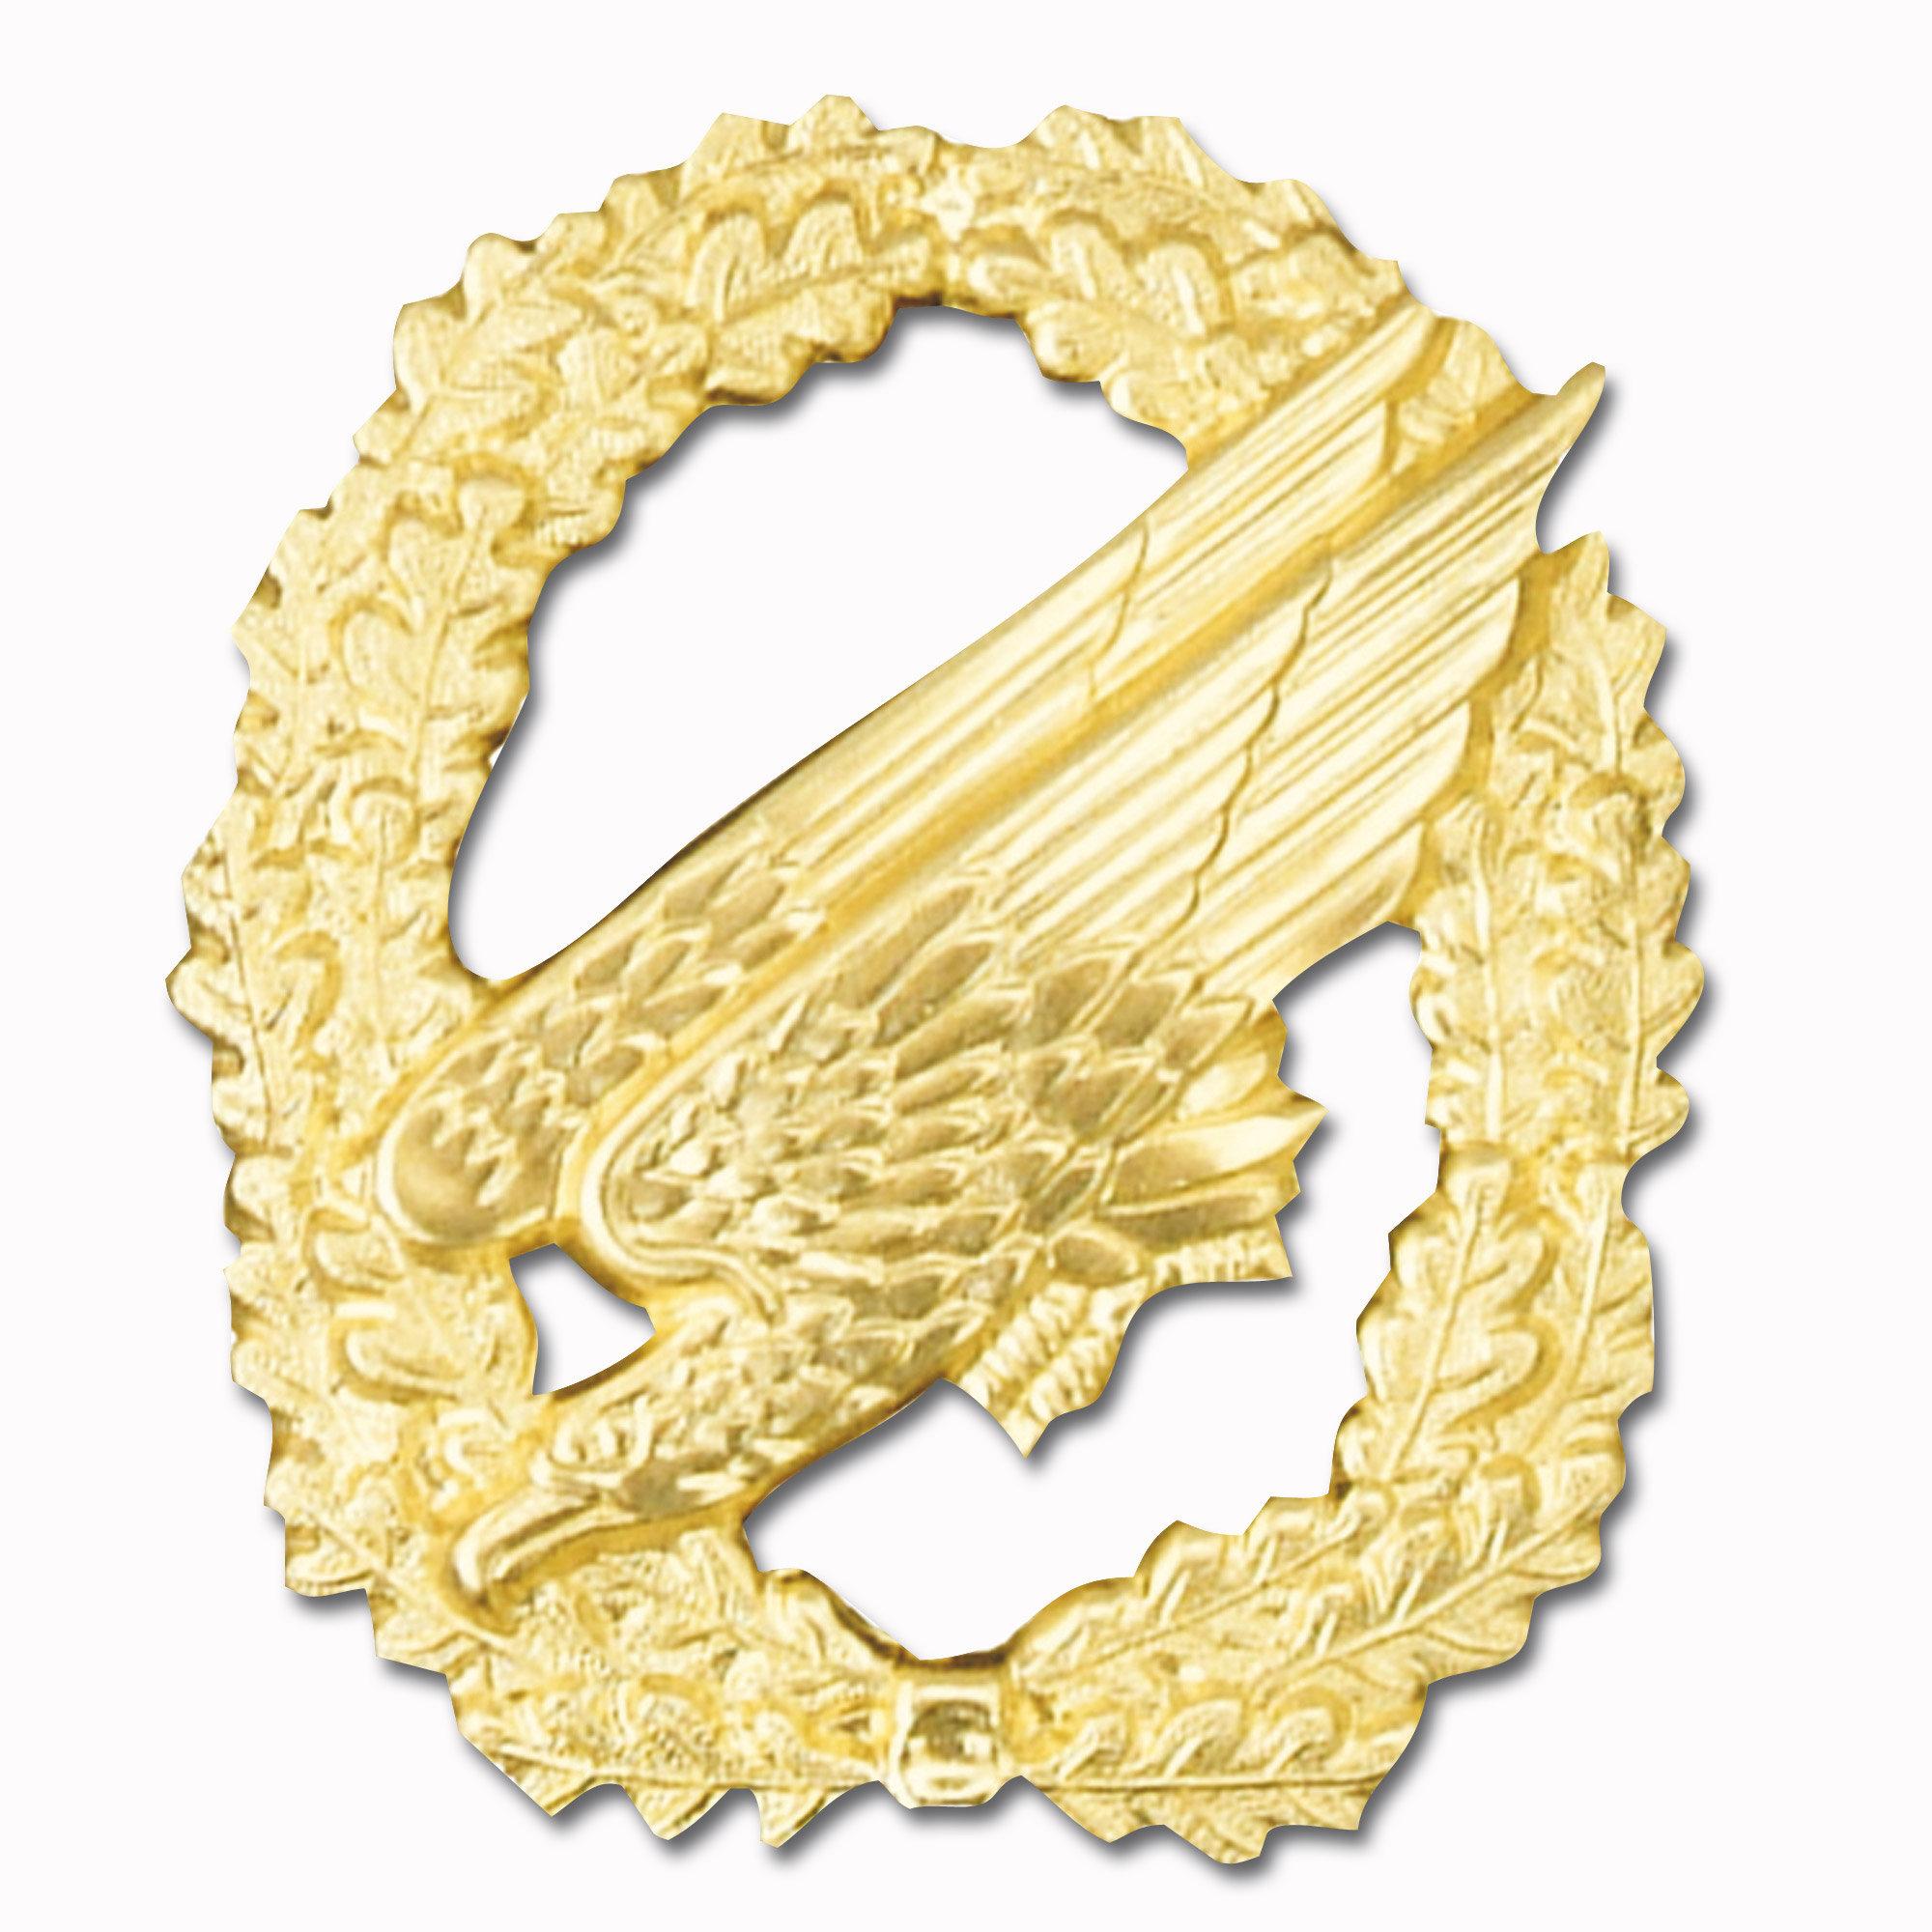 Abz. Barett Fallschirmjäger ohne Flagge gold